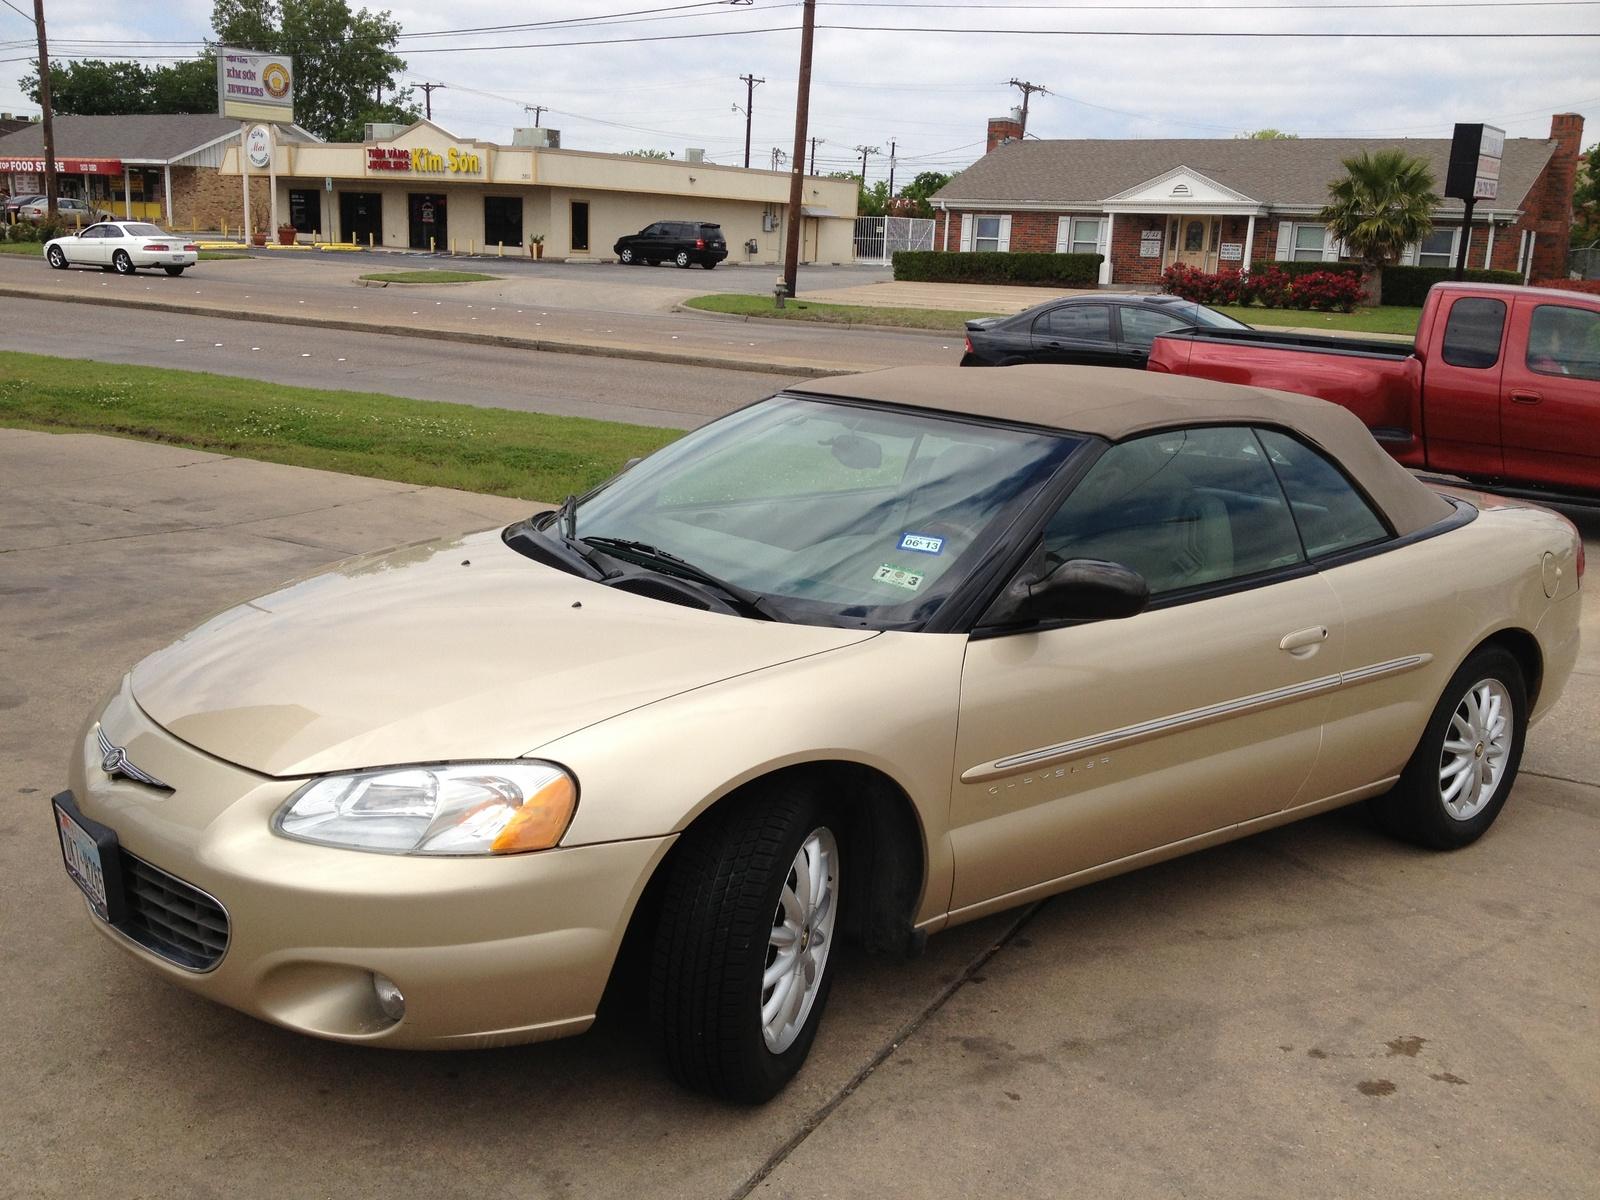 2001 Chrysler Sebring - Pictures